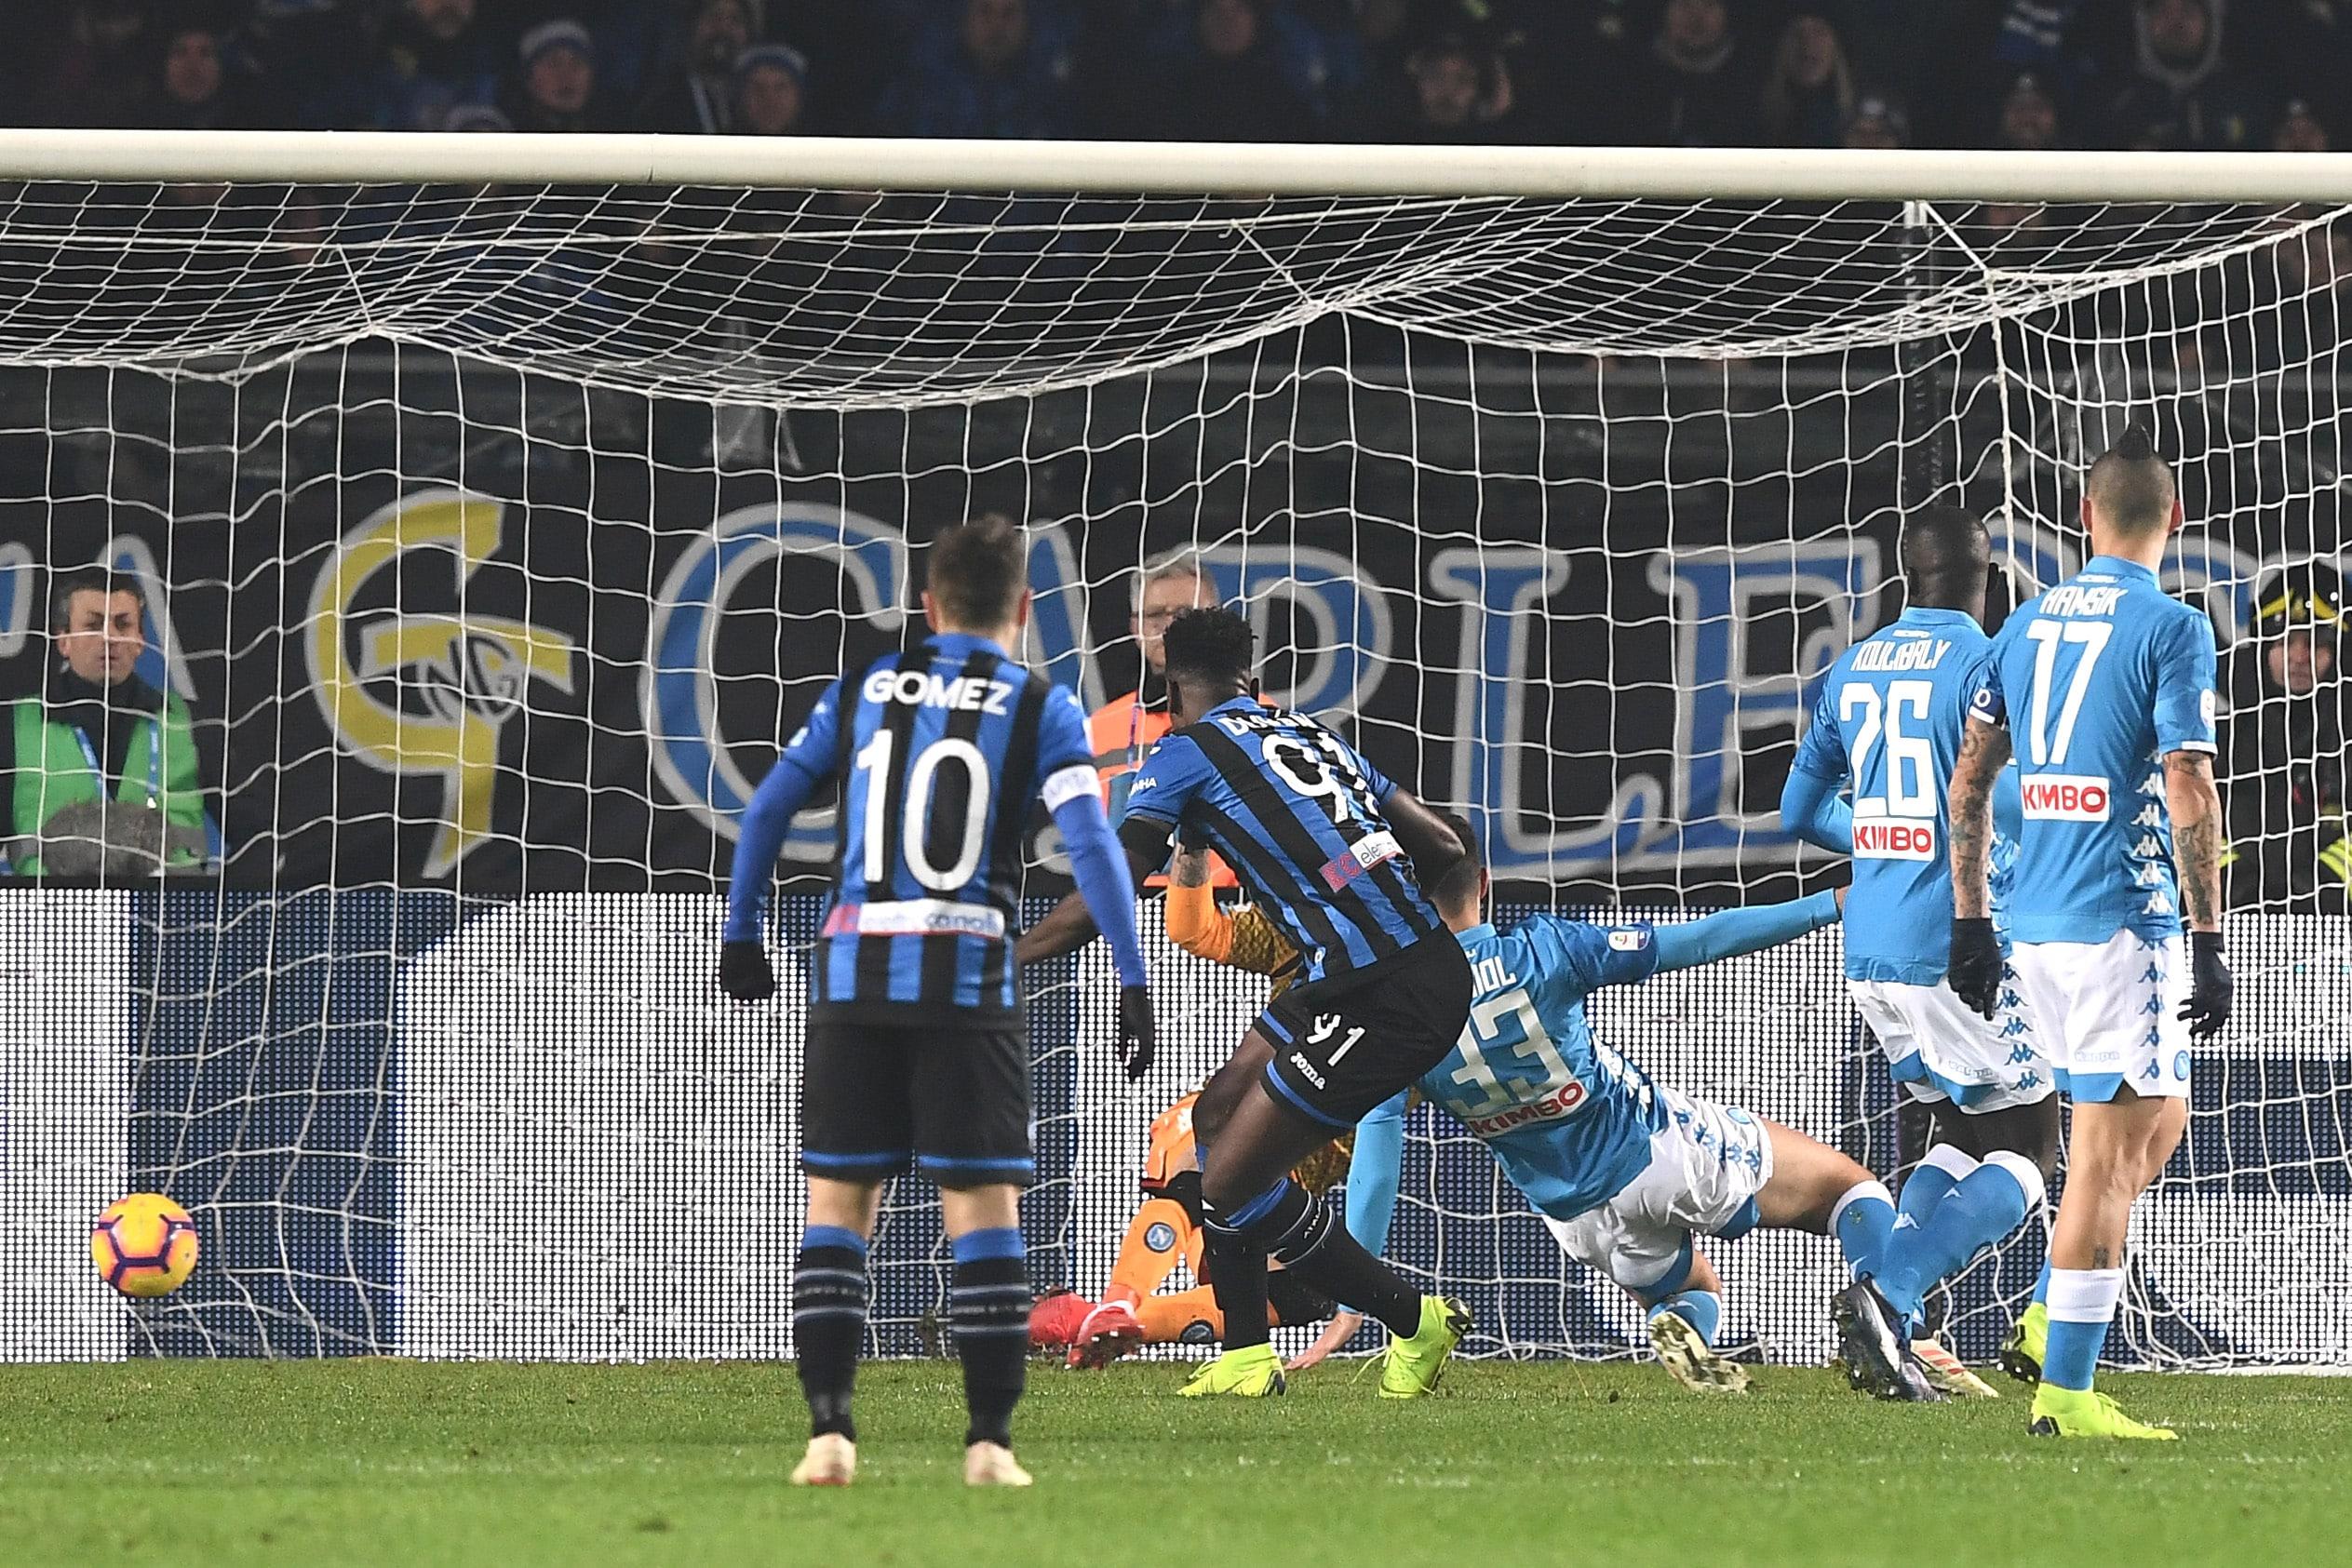 Calendario Napoli Coppa Italia.Calendario Ottavi Coppa Italia 2019 Squadre Qualificate